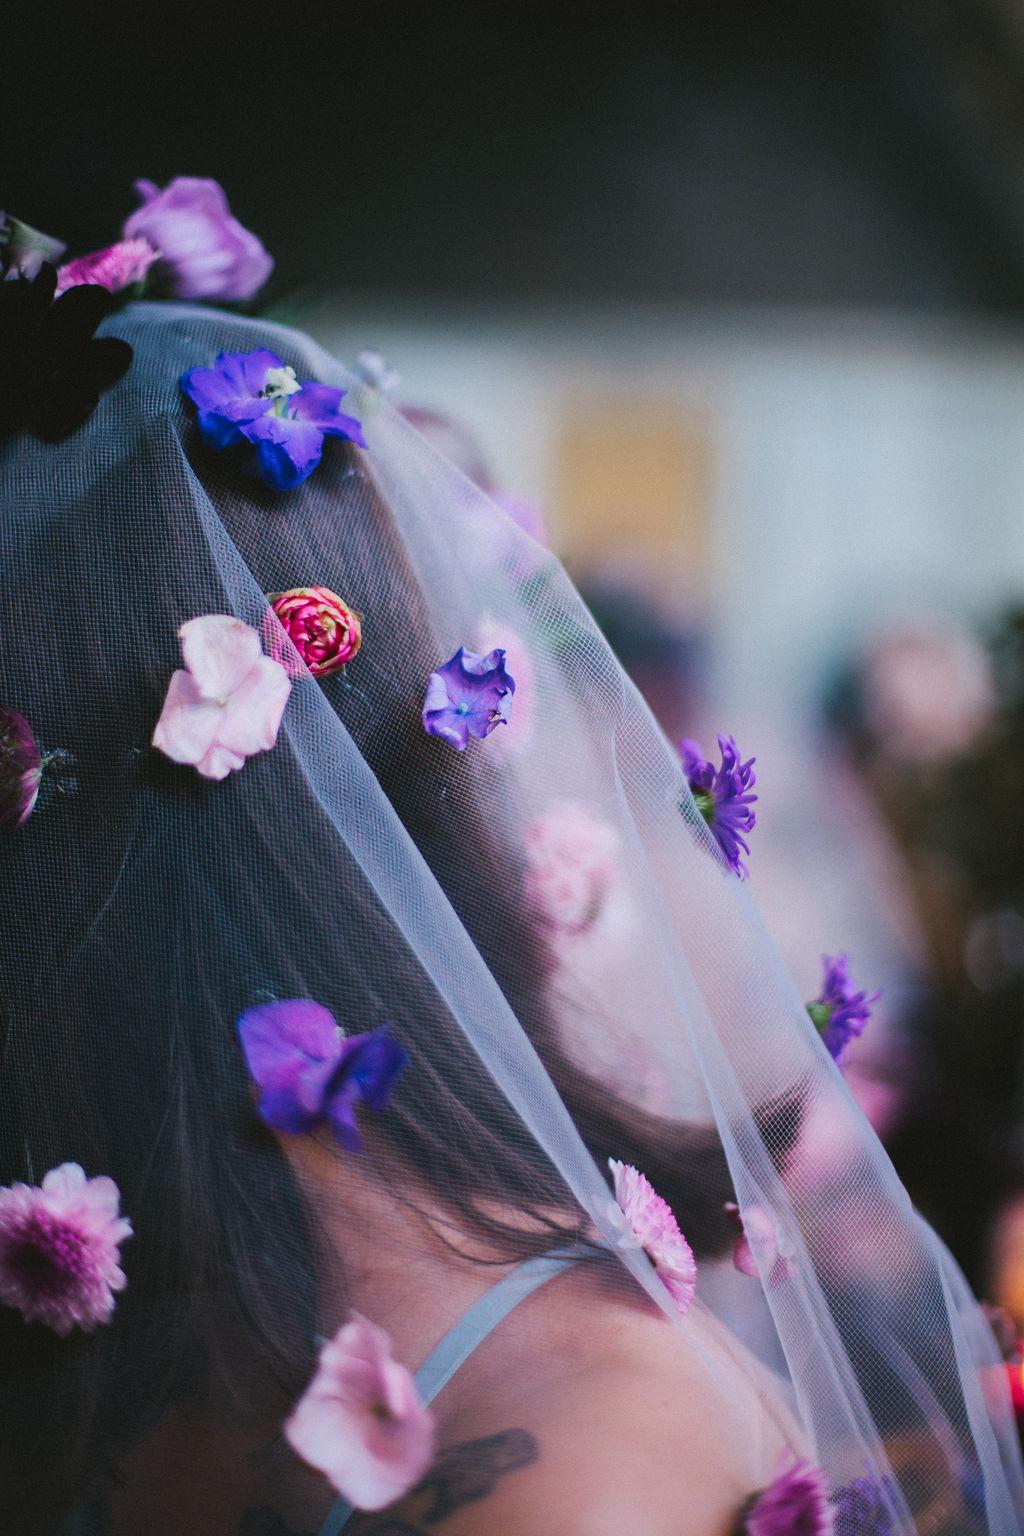 Fanny_myard_photography_ELIXIR-39